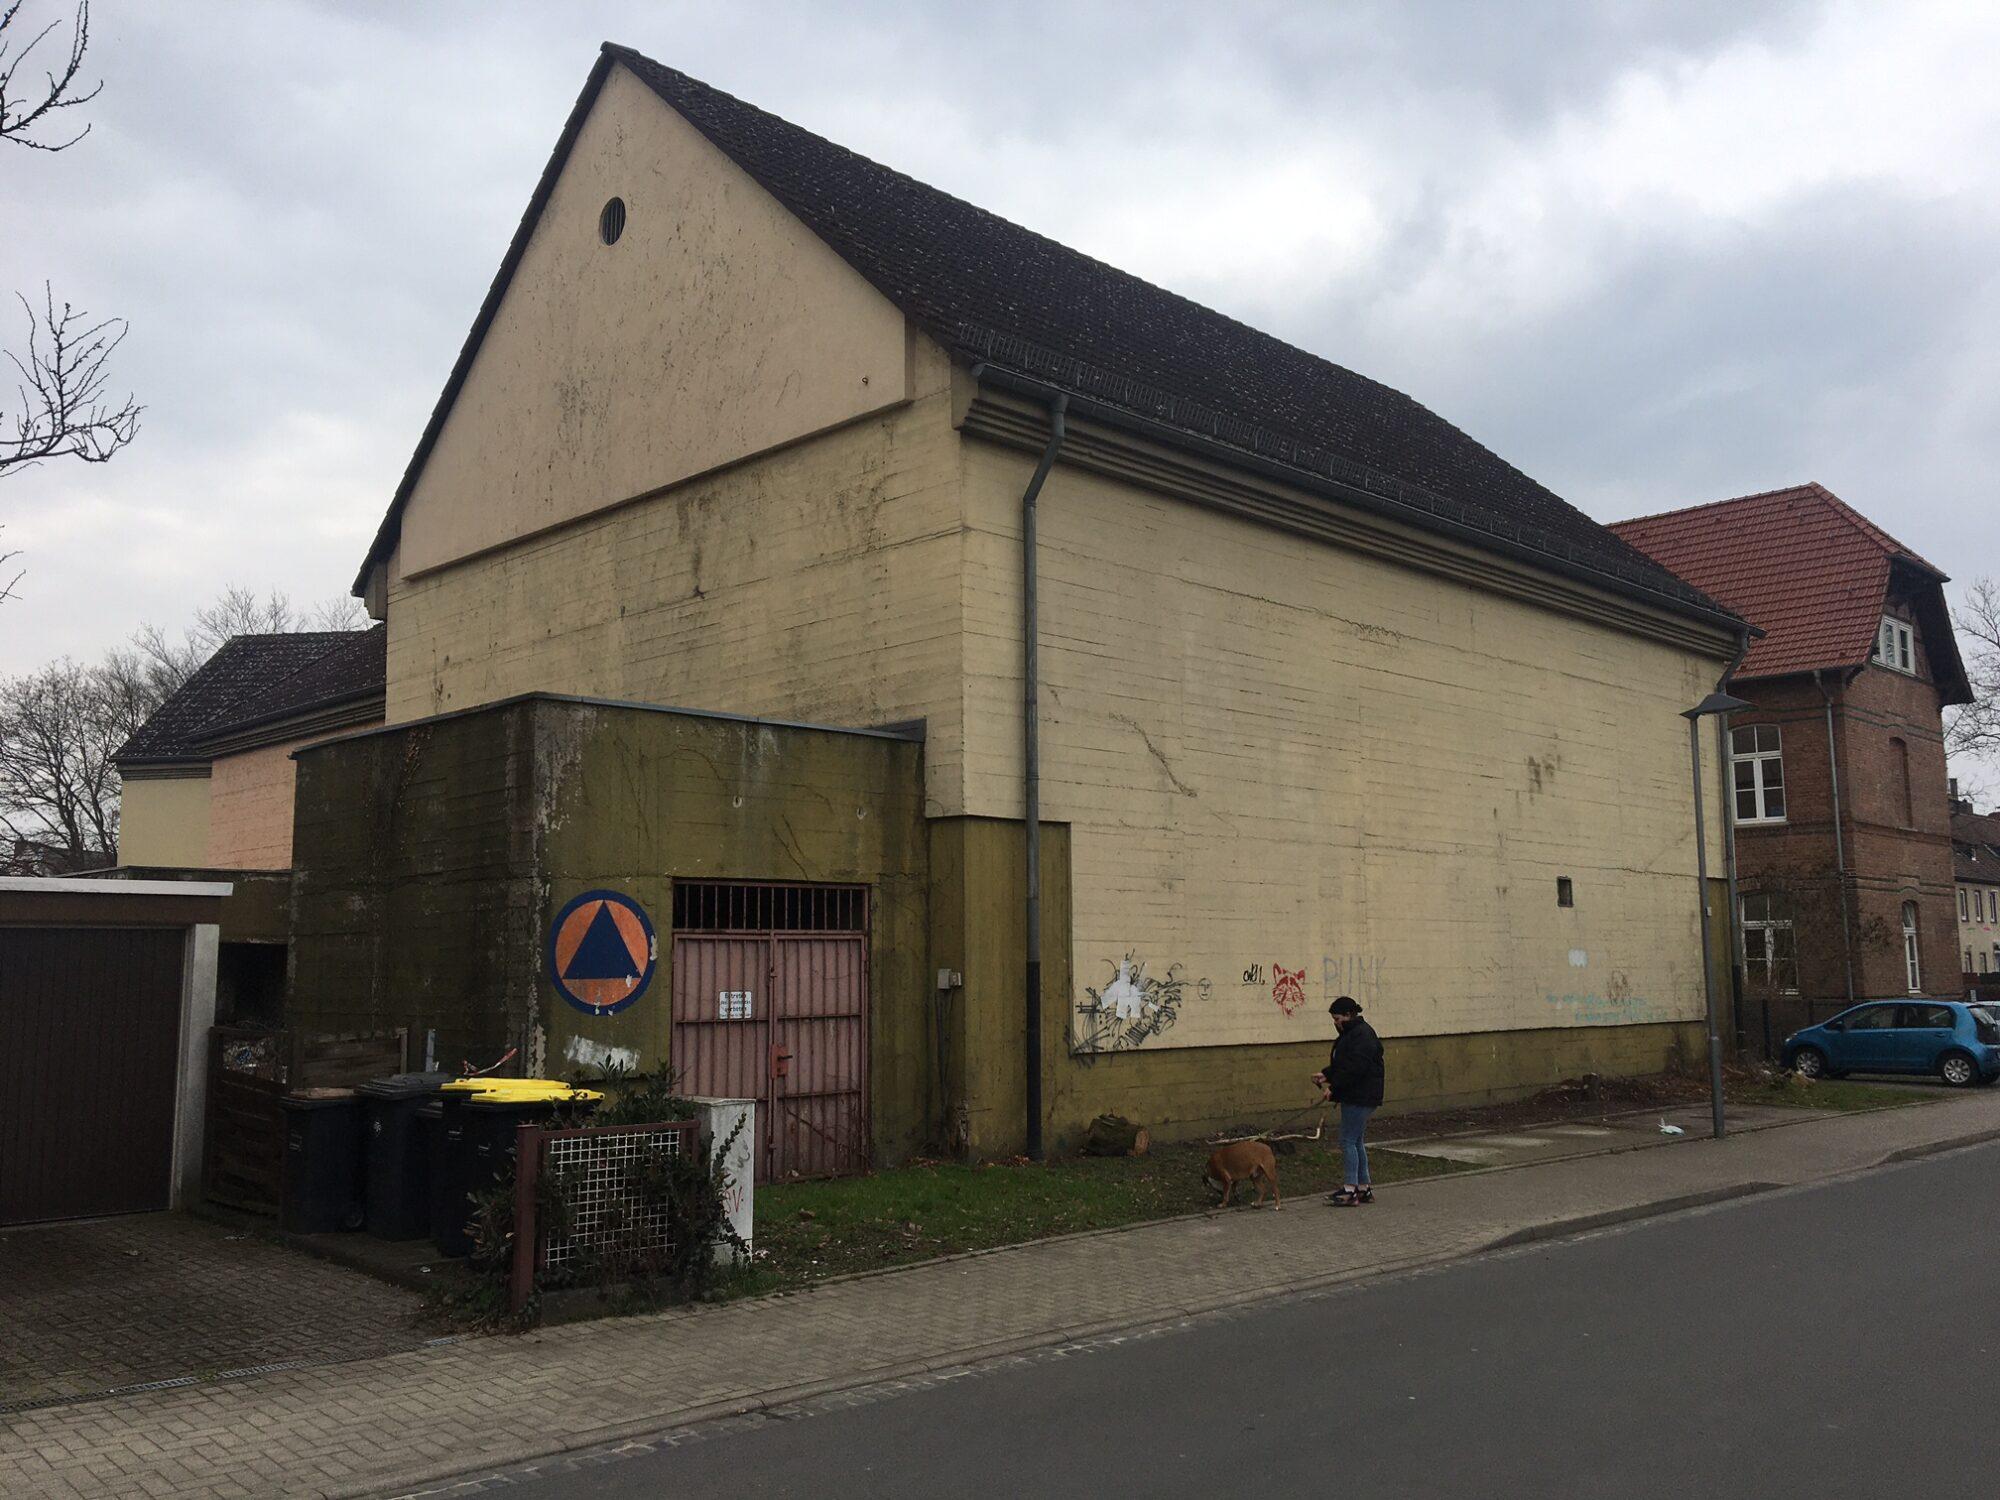 Direkt neben dem Stadtteilzentrum Agathof befindet sich ein Hochbunker aus dem Zweiten Weltkrieg (als Bauernhaus bzw. Scheune getarnt), der seitens der Stadt Kassel zu einem Kulturzentrum ausgebaut werden soll. Auch die documenta hat Interesse signalisiert. Foto: Christian Saehrendt